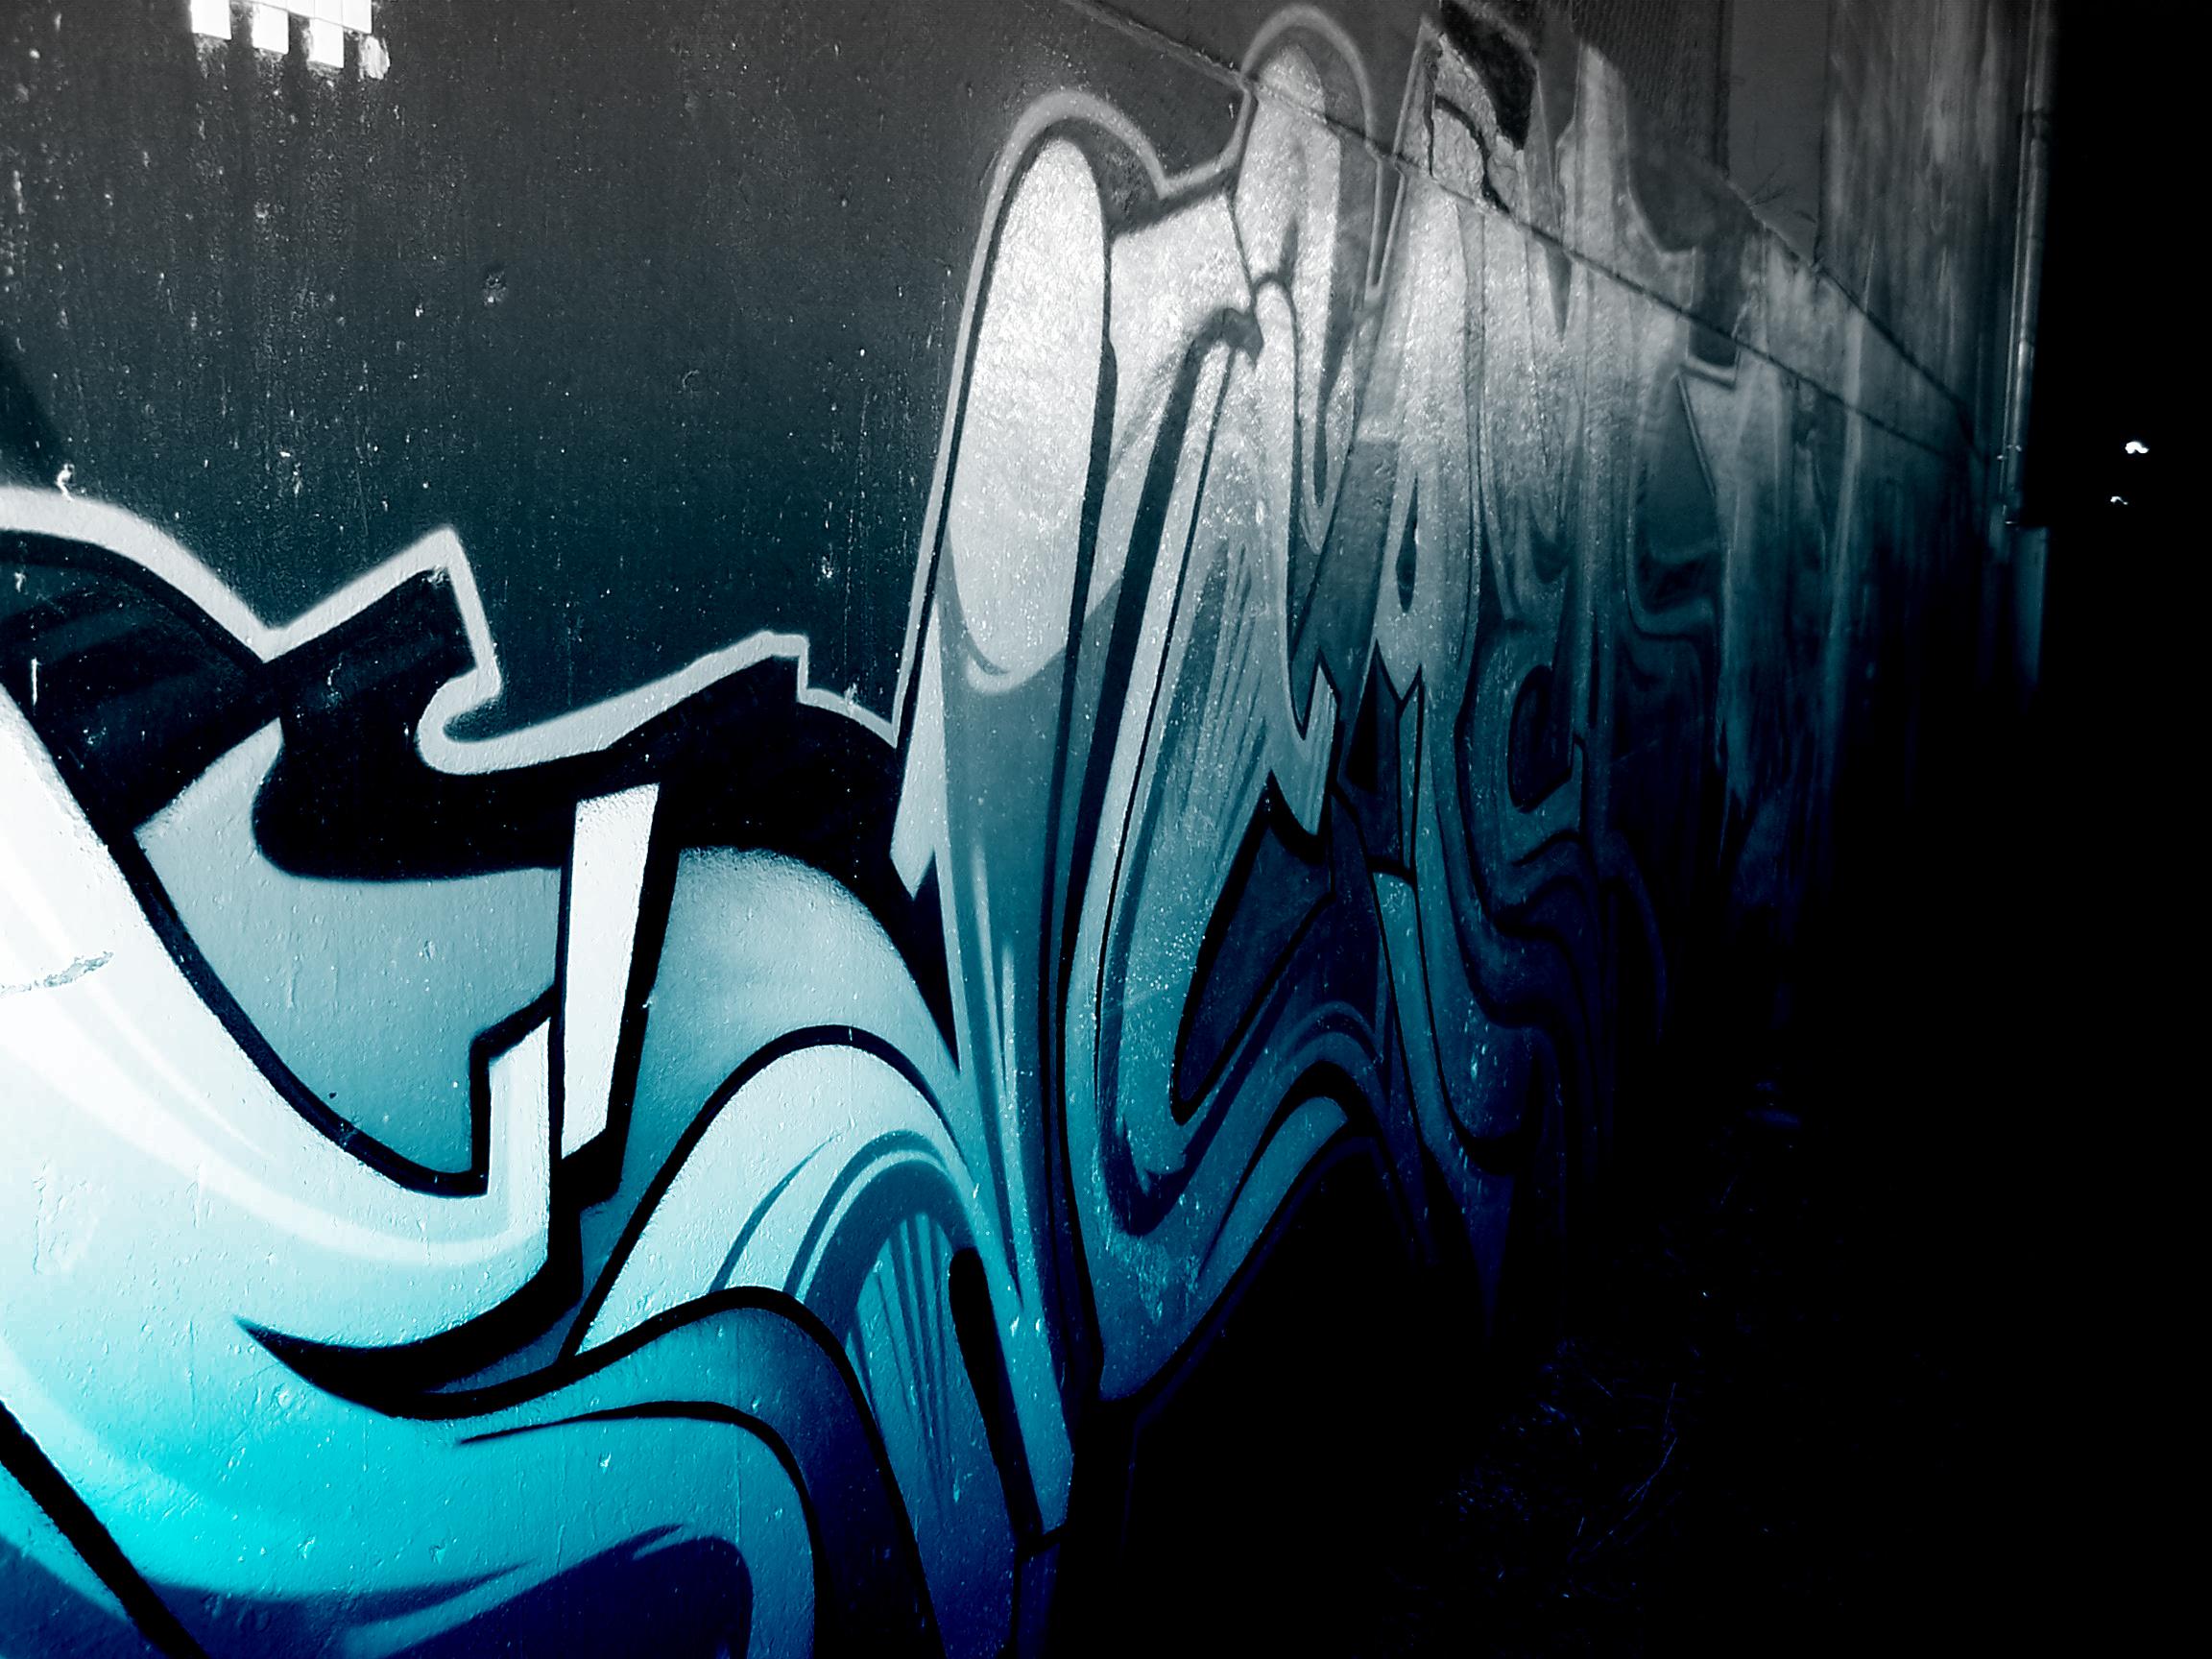 Graffiti art wallpaper - Hd Wallpaper Background Id 42820 2304x1728 Artistic Graffiti